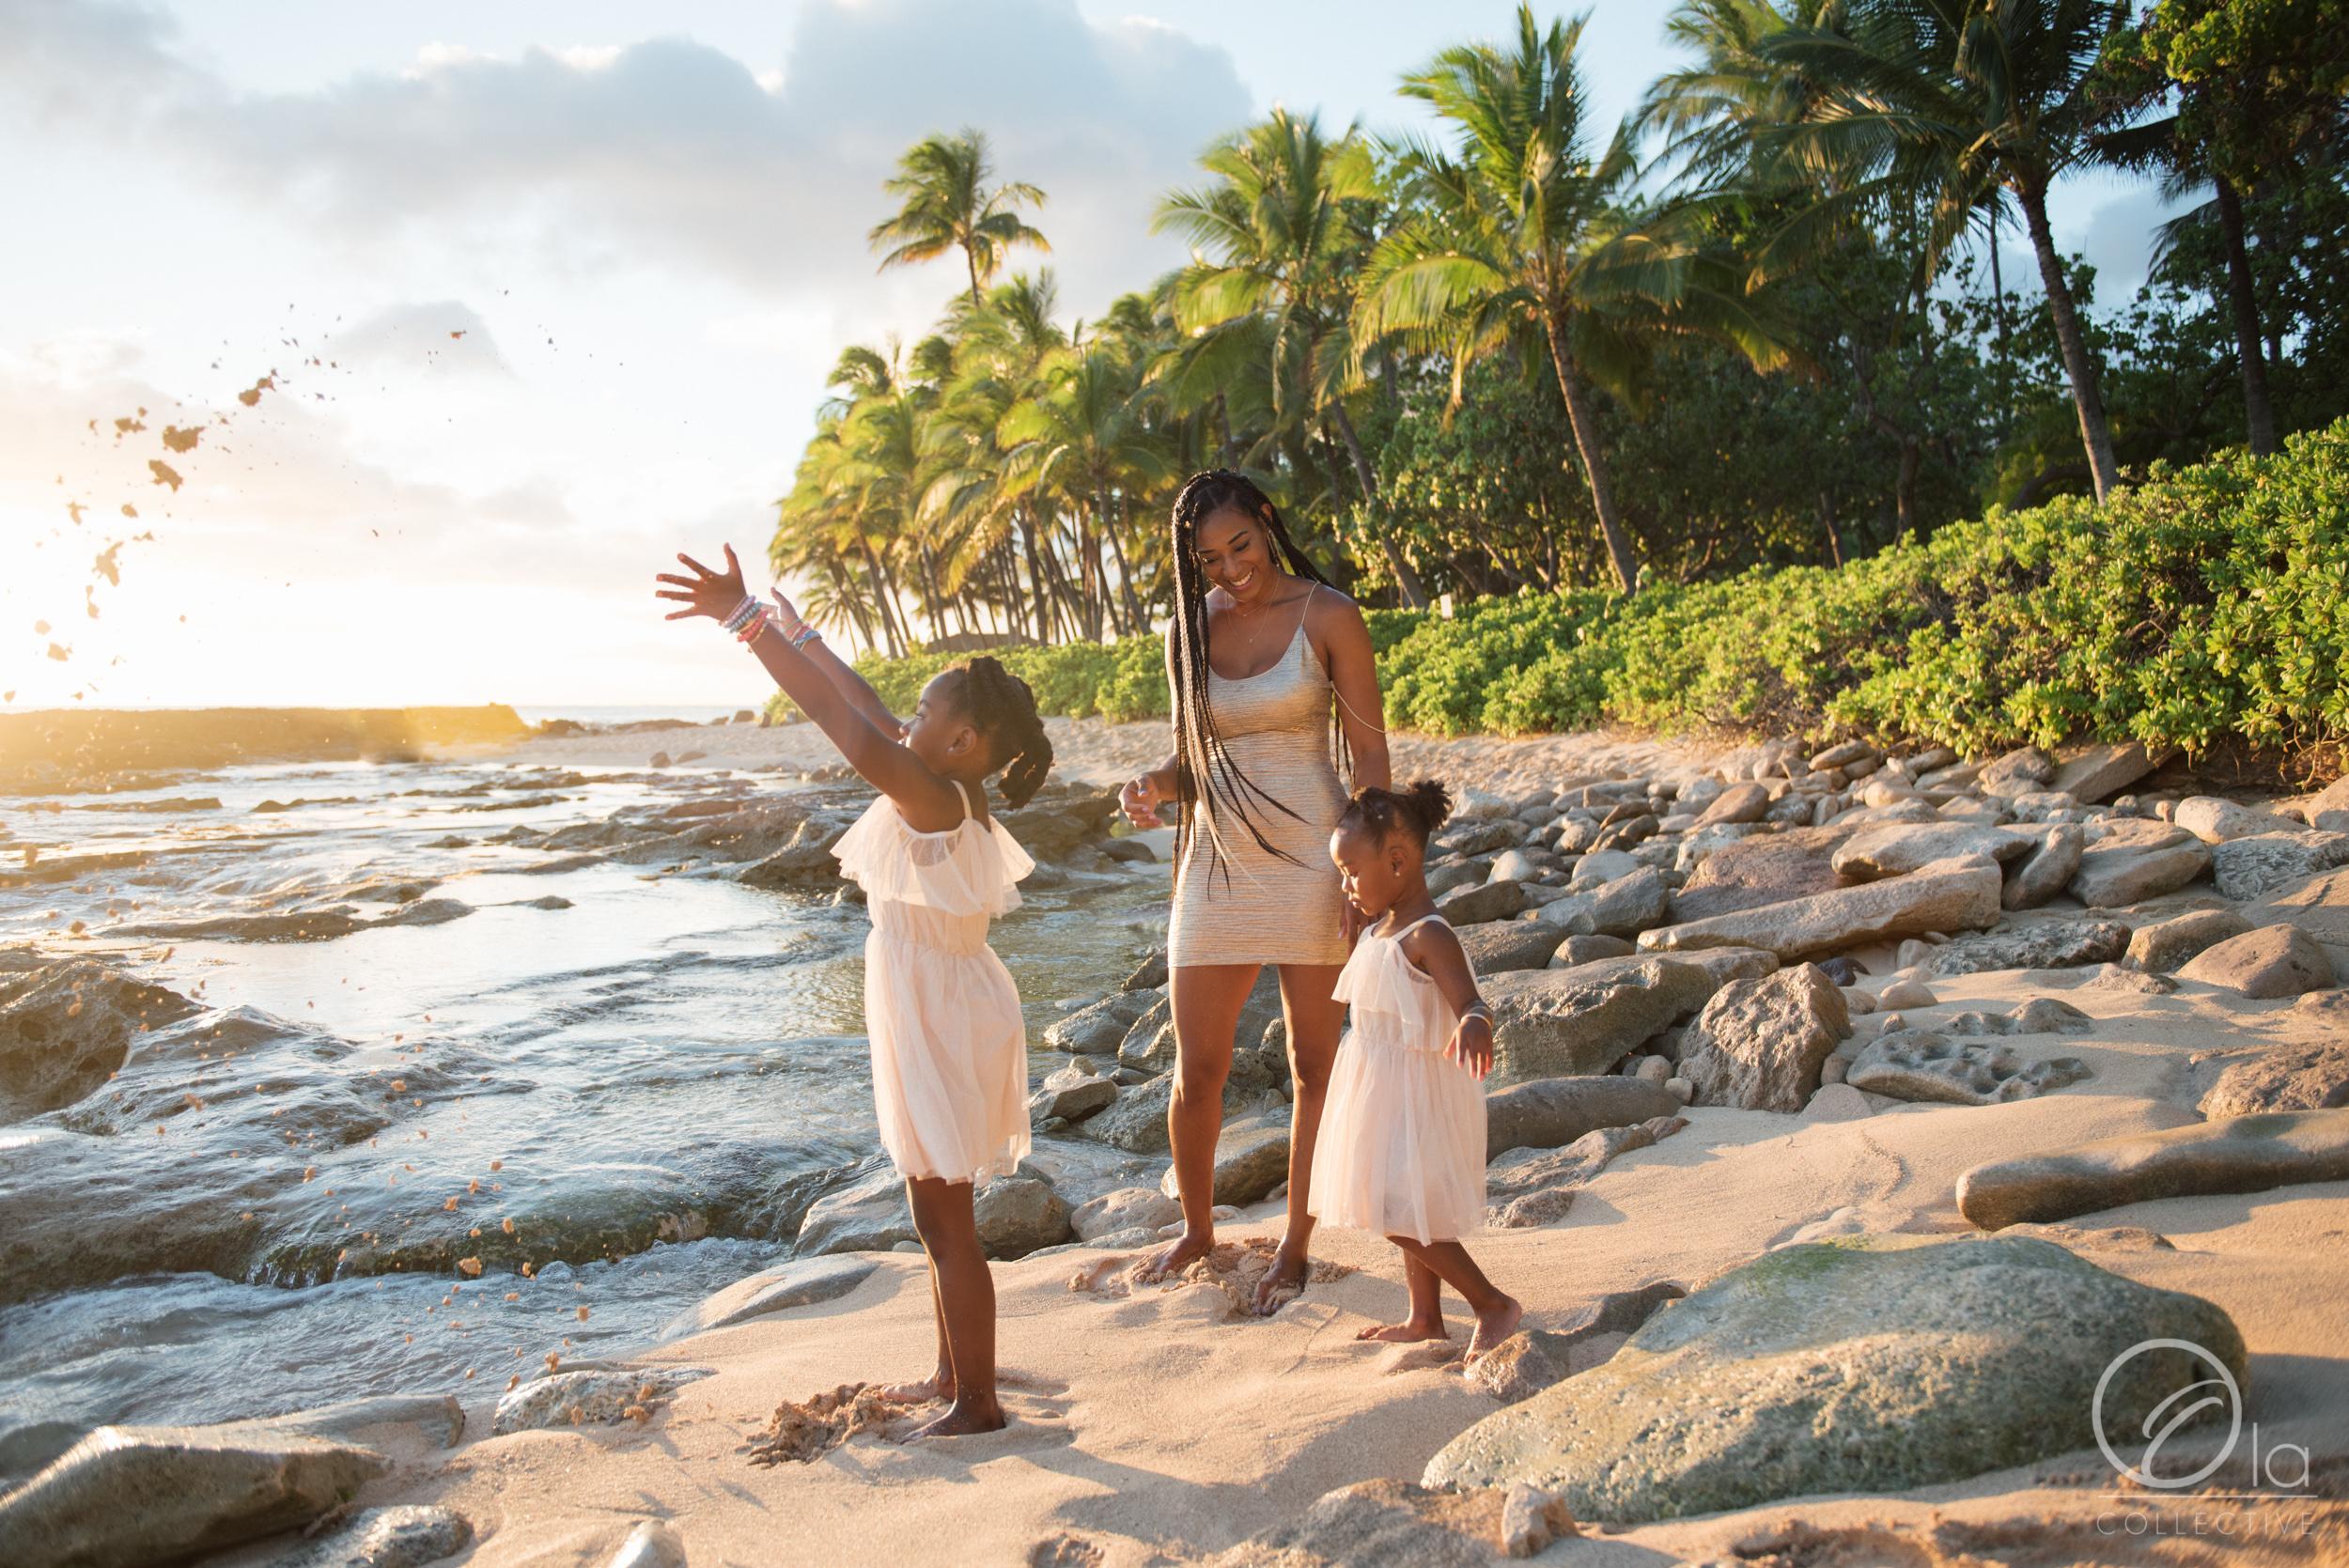 Four-Seasons-Oahu-Family-Photographer-Ola-Collective-7.jpg